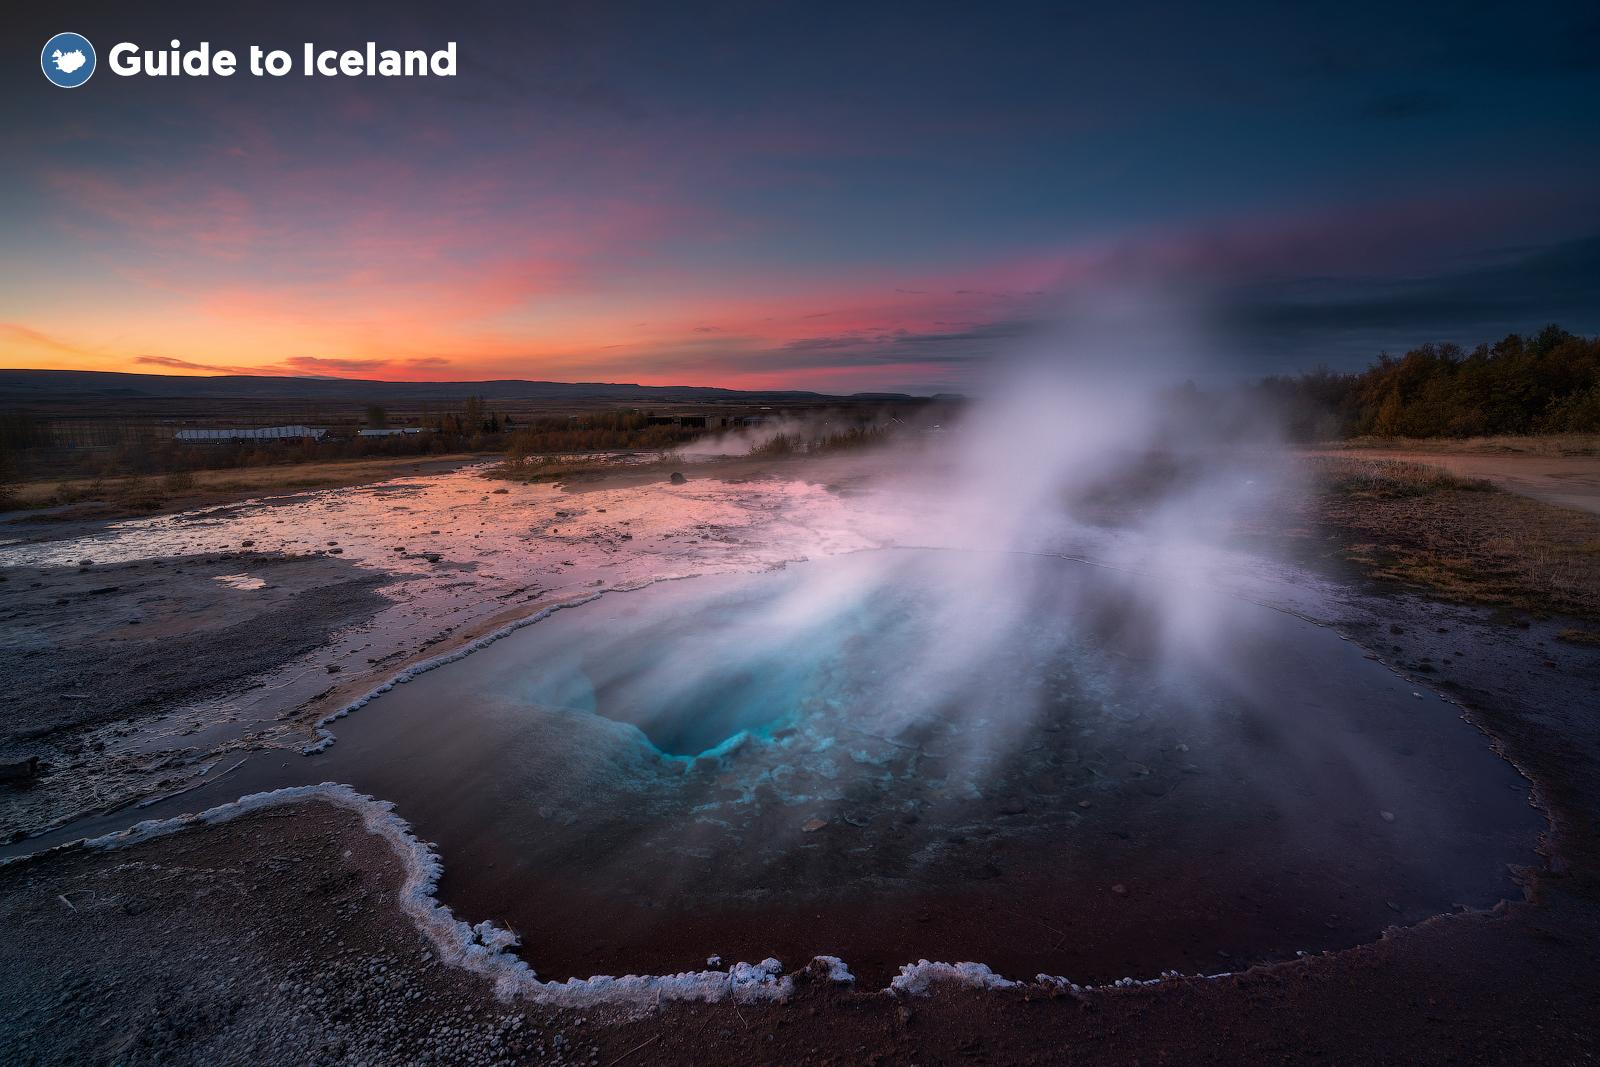 Das mineralreiche Wasser eines Geysirs im Geothermalgebiet Geysir.